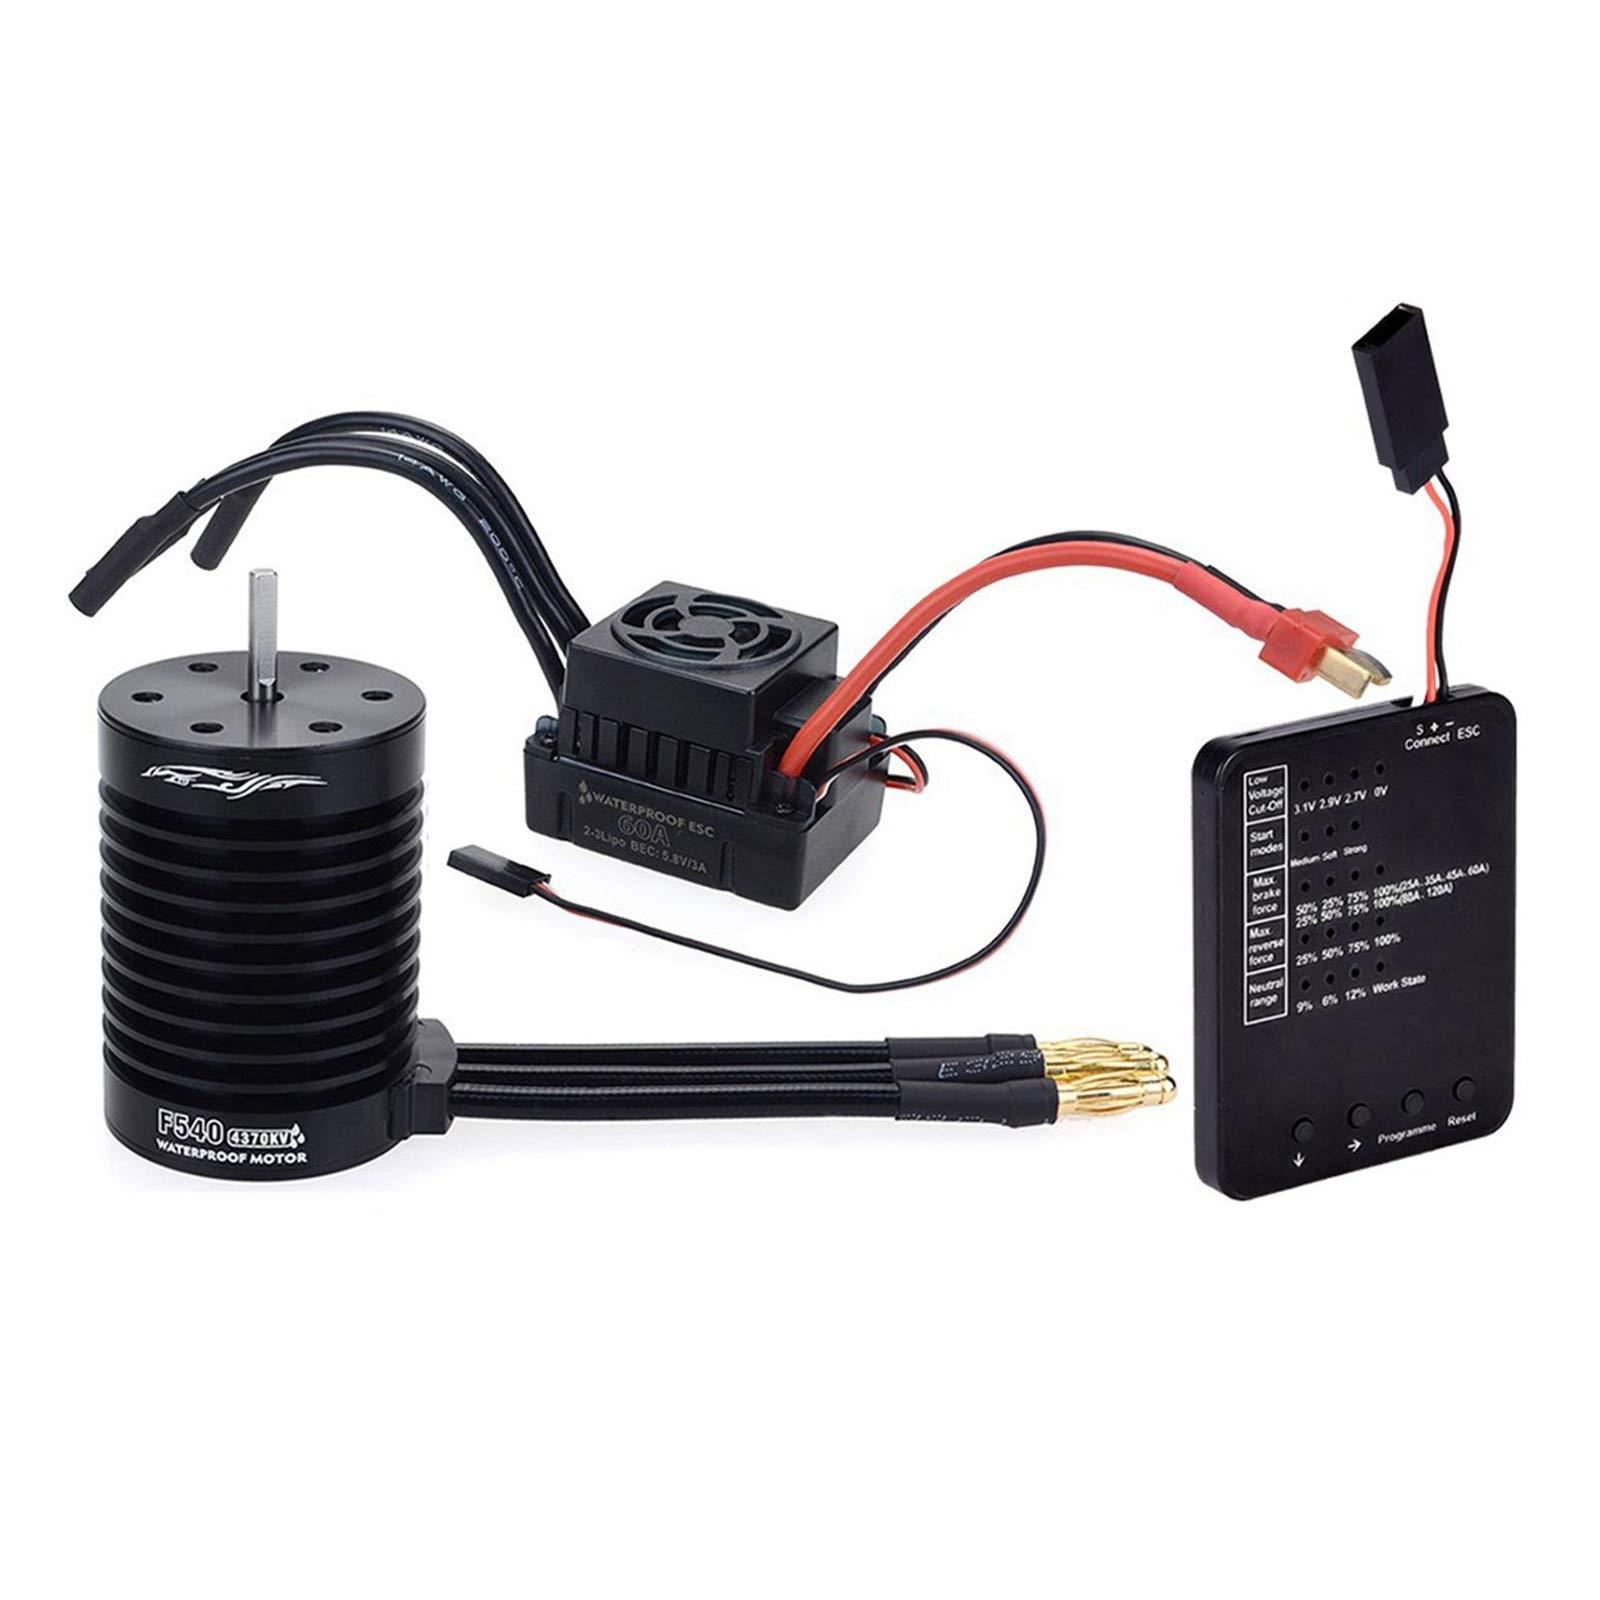 Brushless Motor and Esc, F540 4370KV Waterproof Brushless Mo